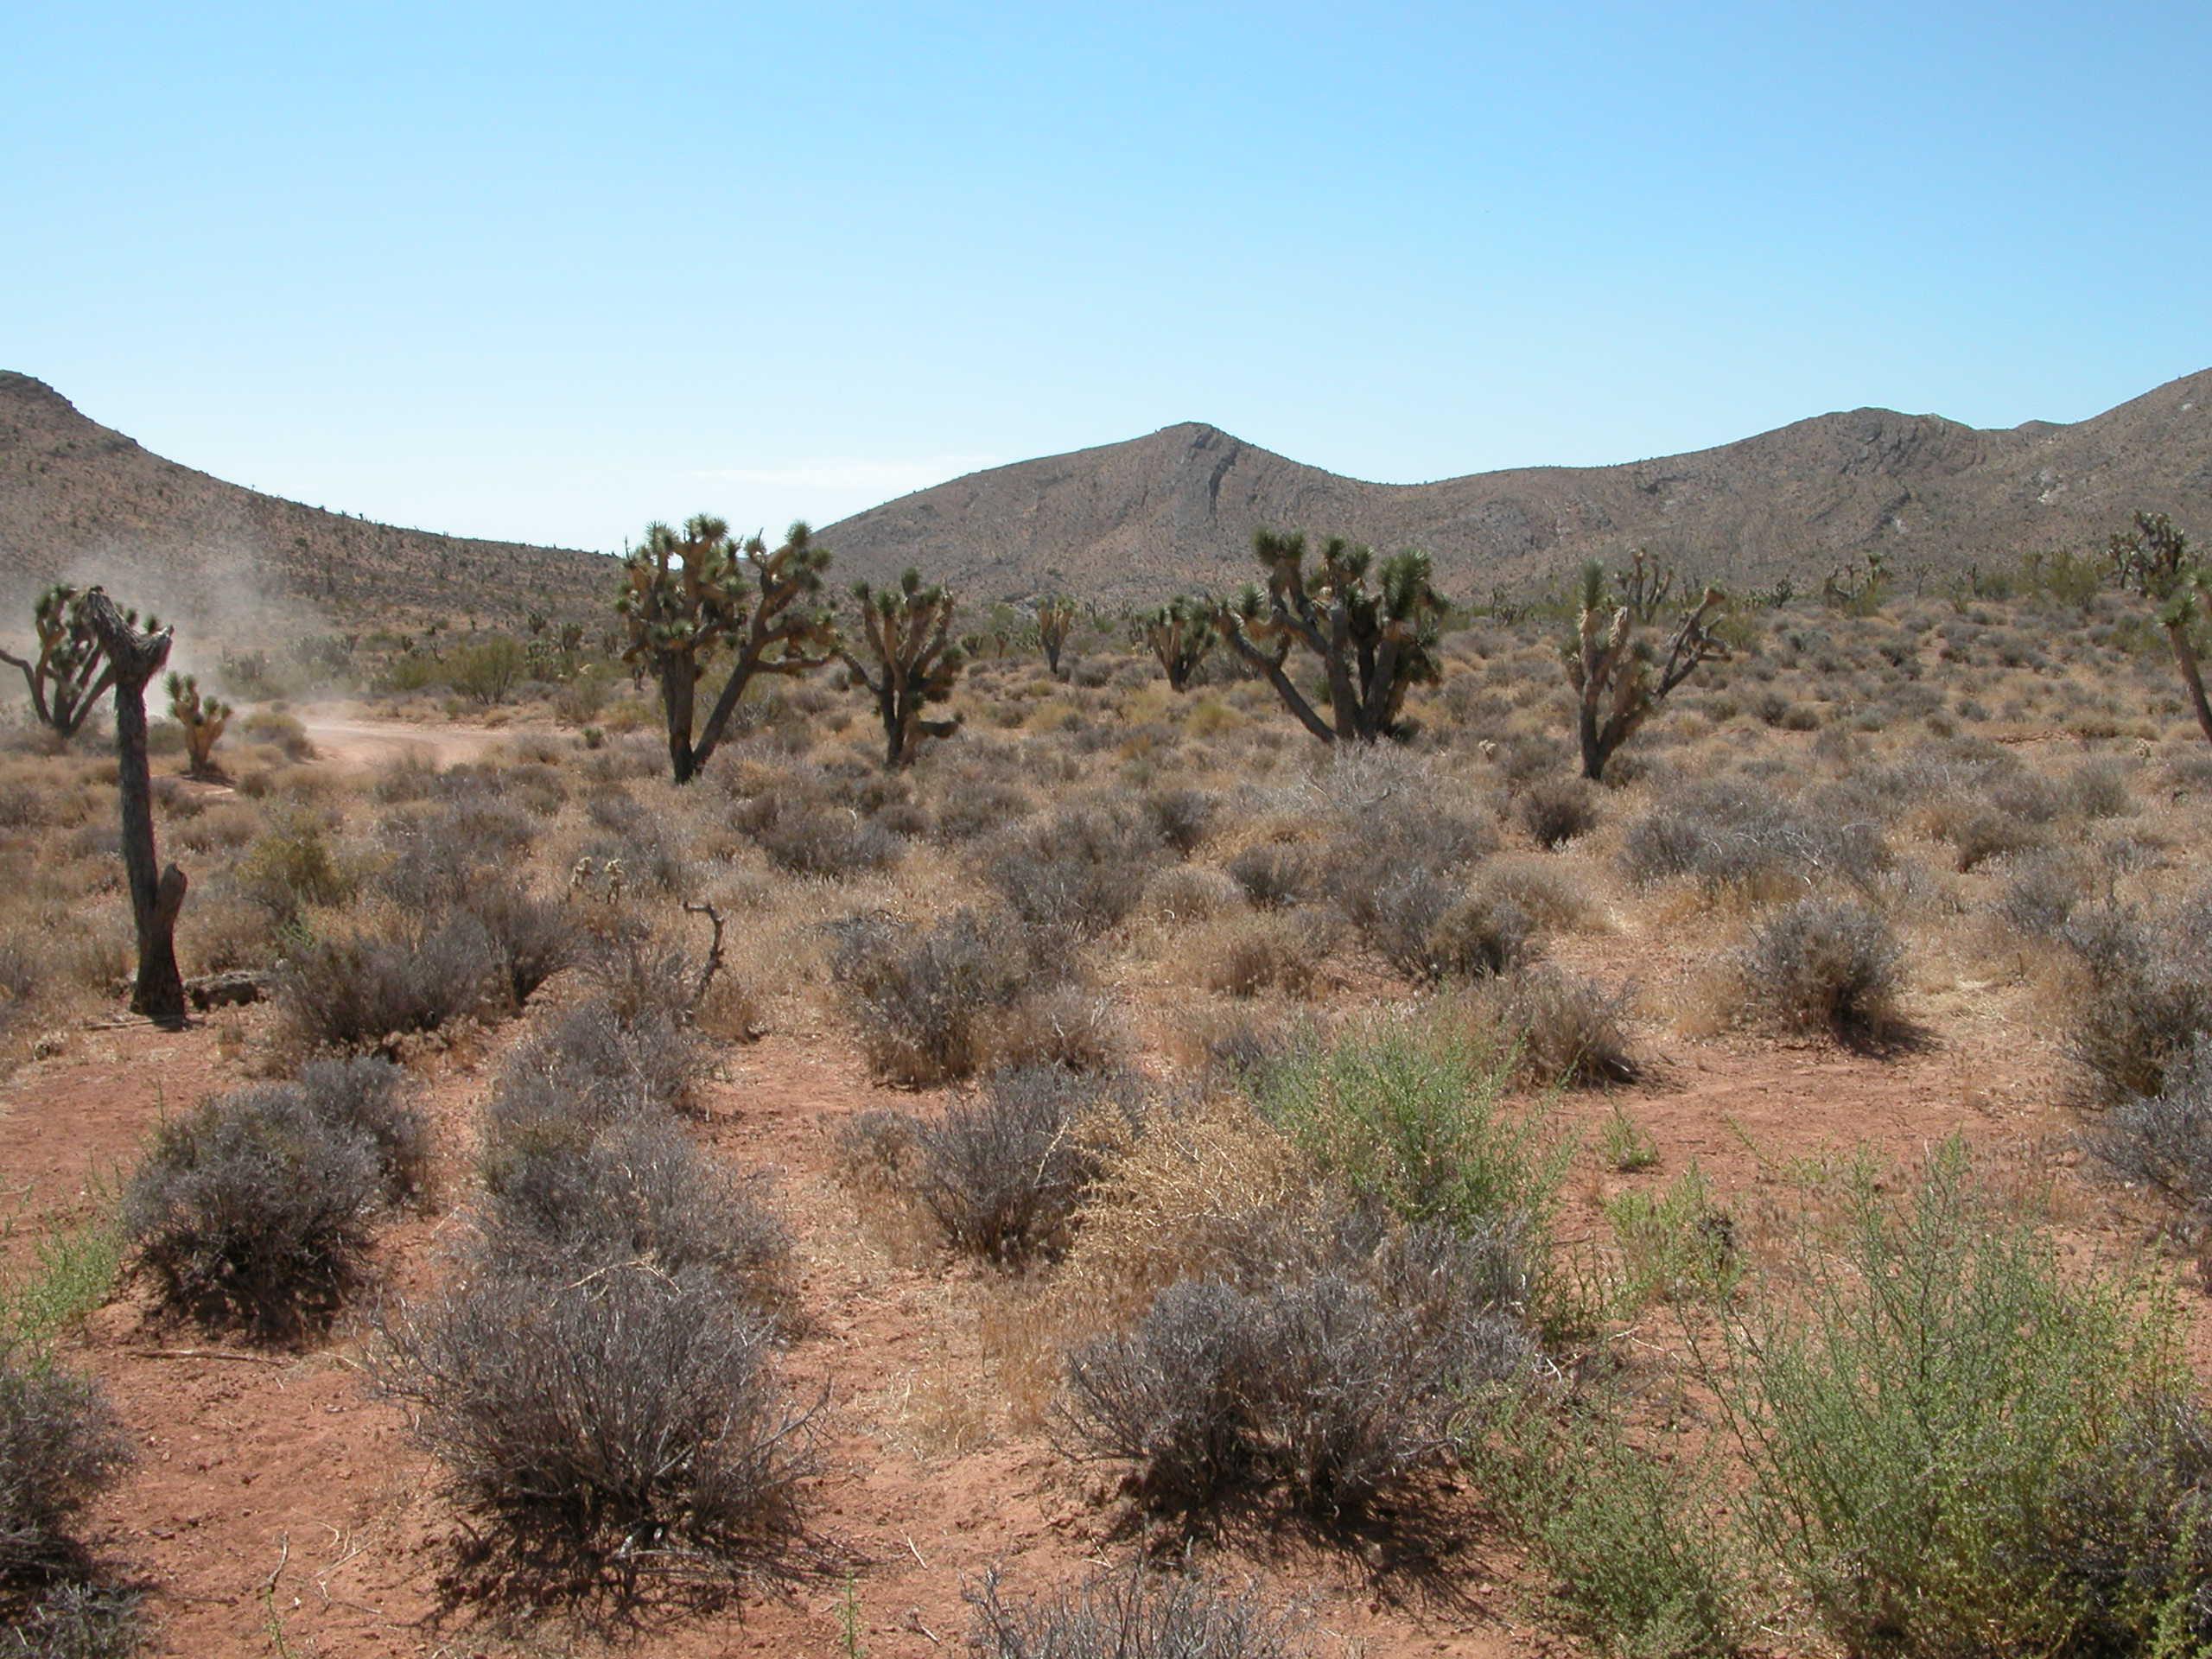 モハベ砂漠の画像